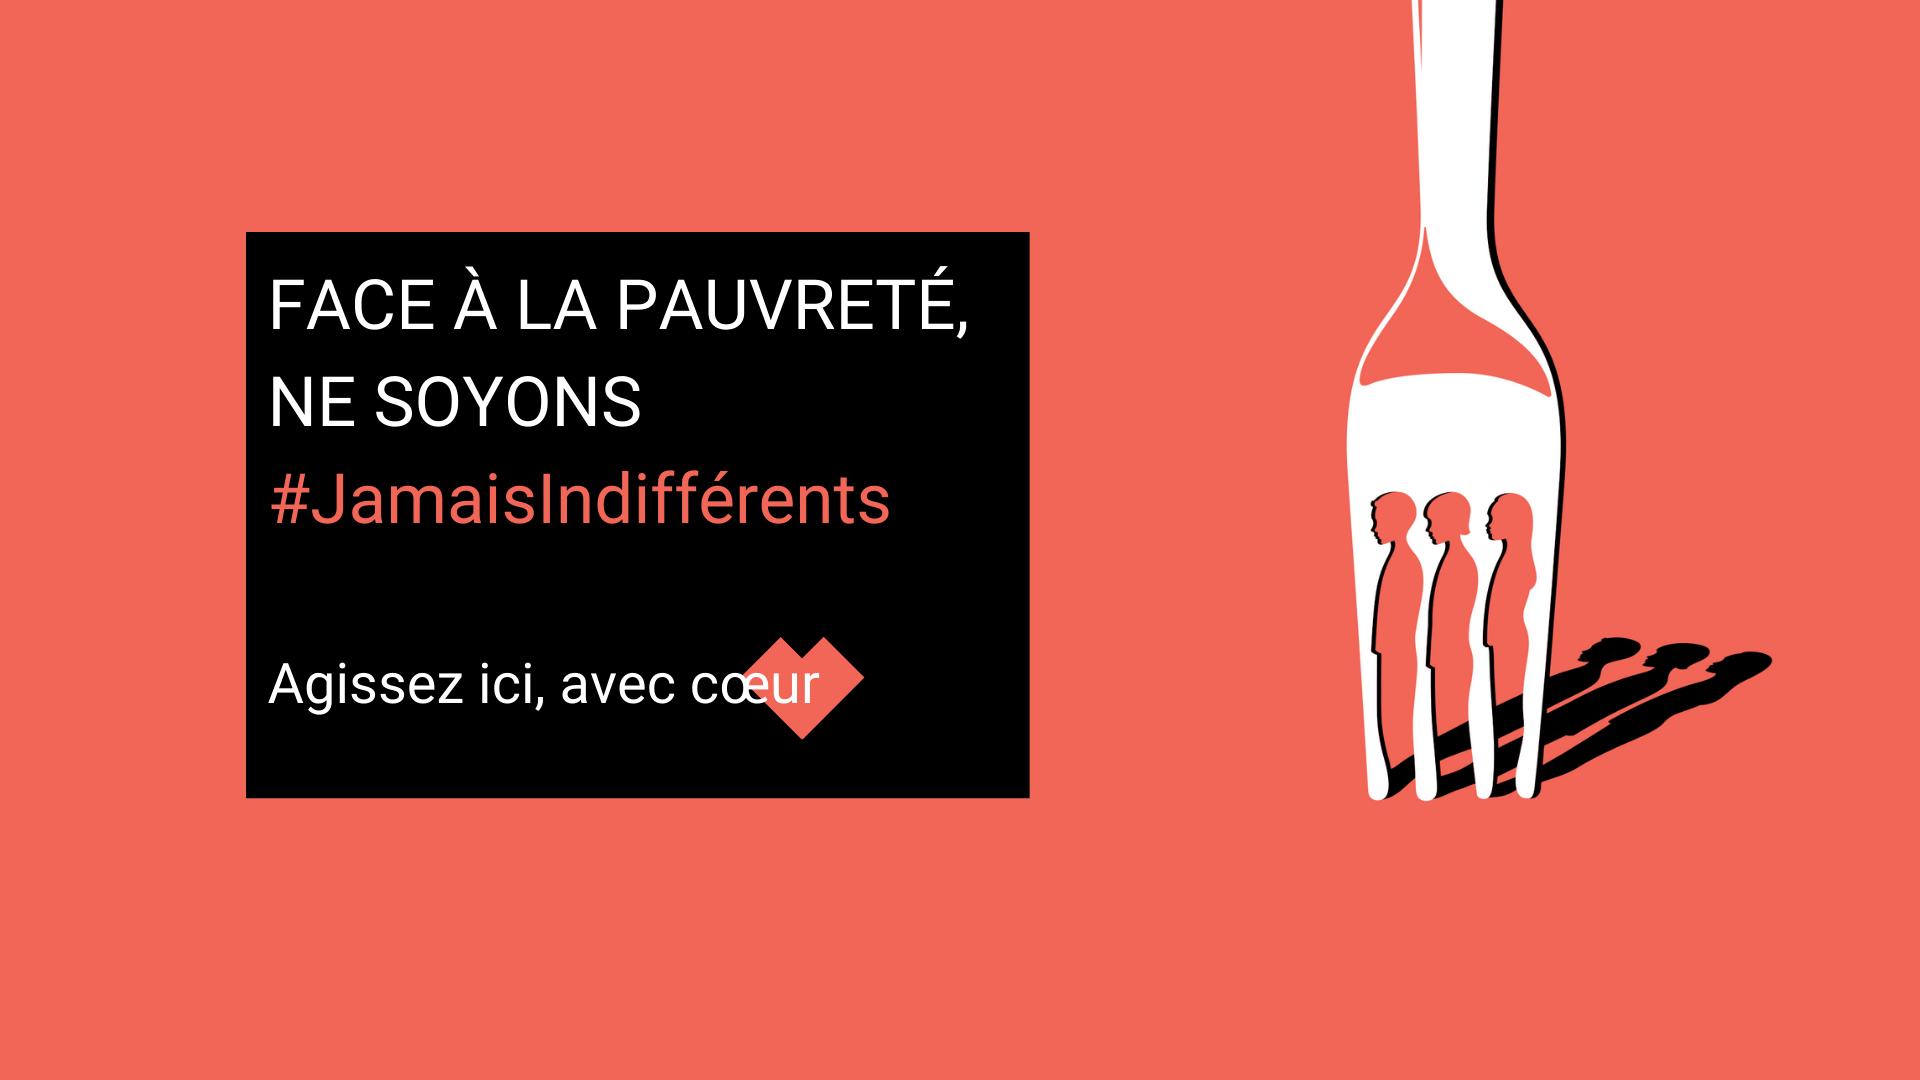 Les Centraide du Québec lancent un vaste appel à la générosité  pour les populations vulnérables !